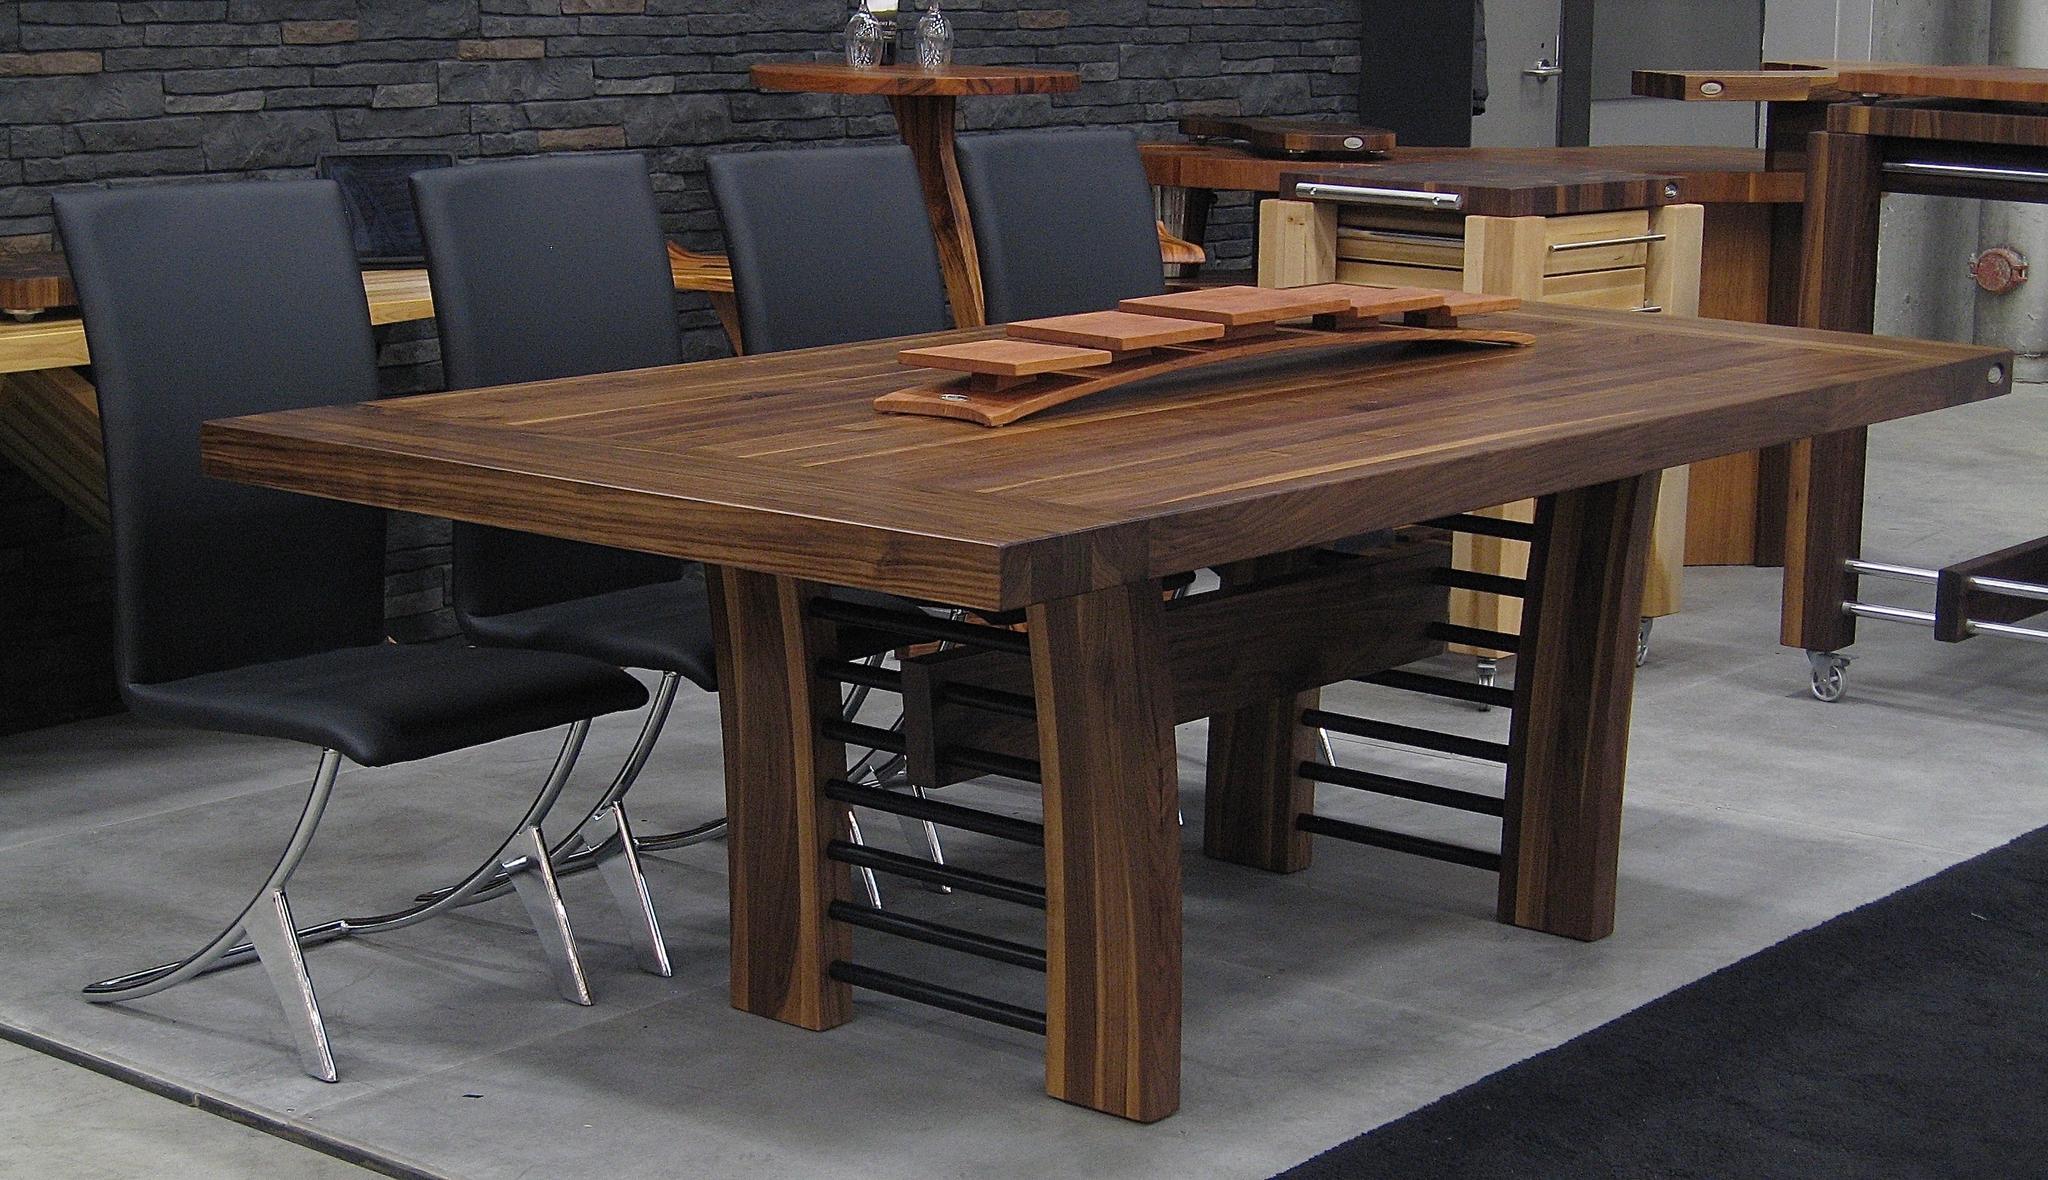 Table en bois sur arche